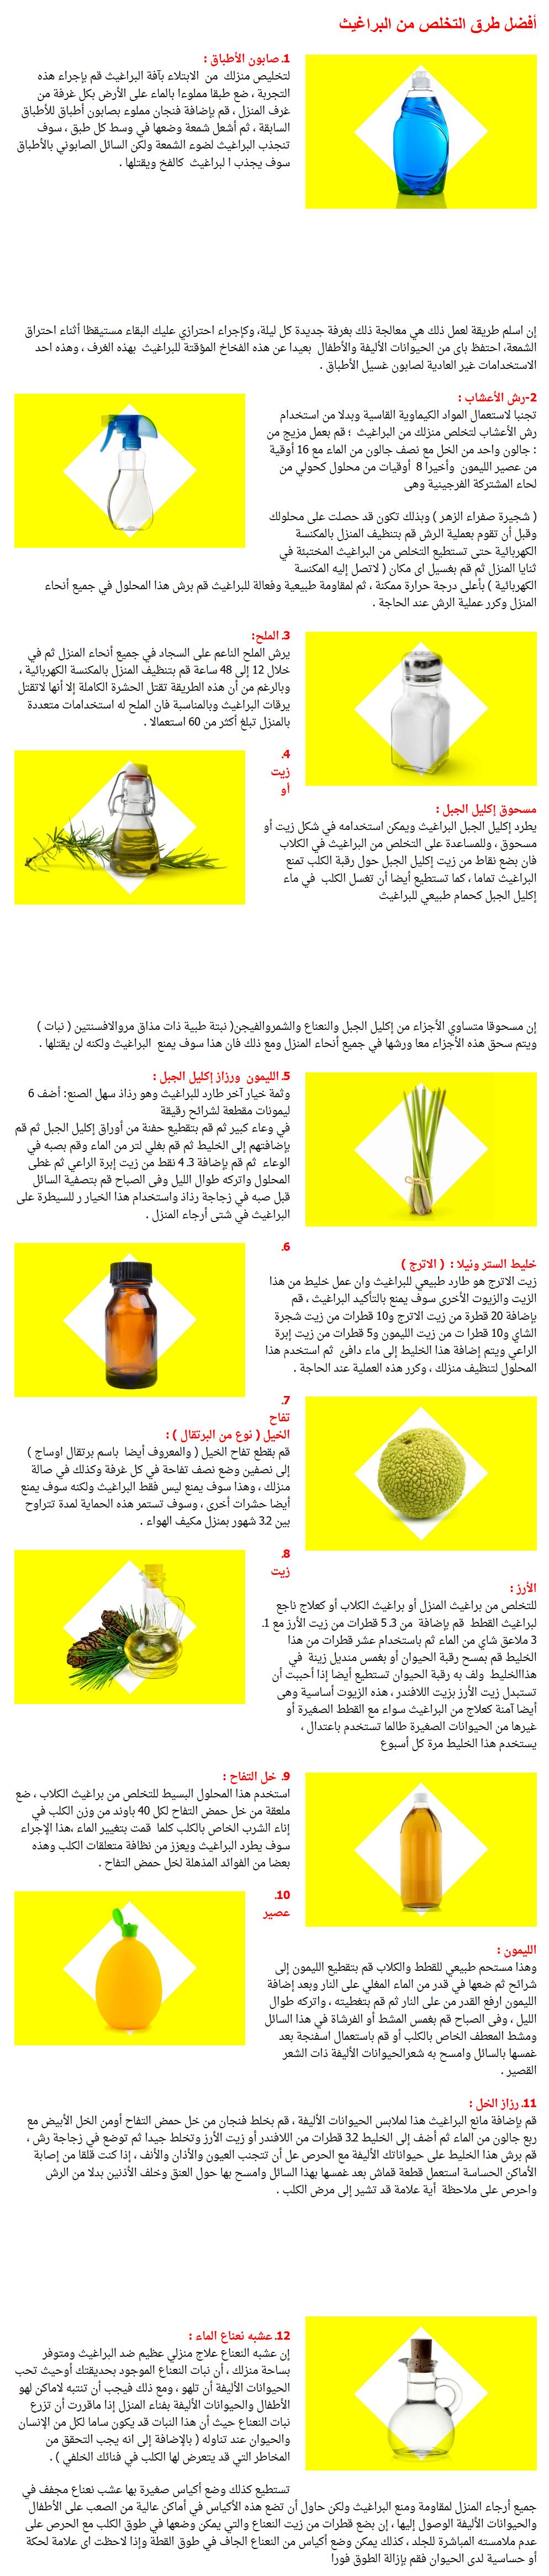 الحشرات التي تأكل البراغيث وأفضل التخلص 3dlat.com_30_18_fb5b